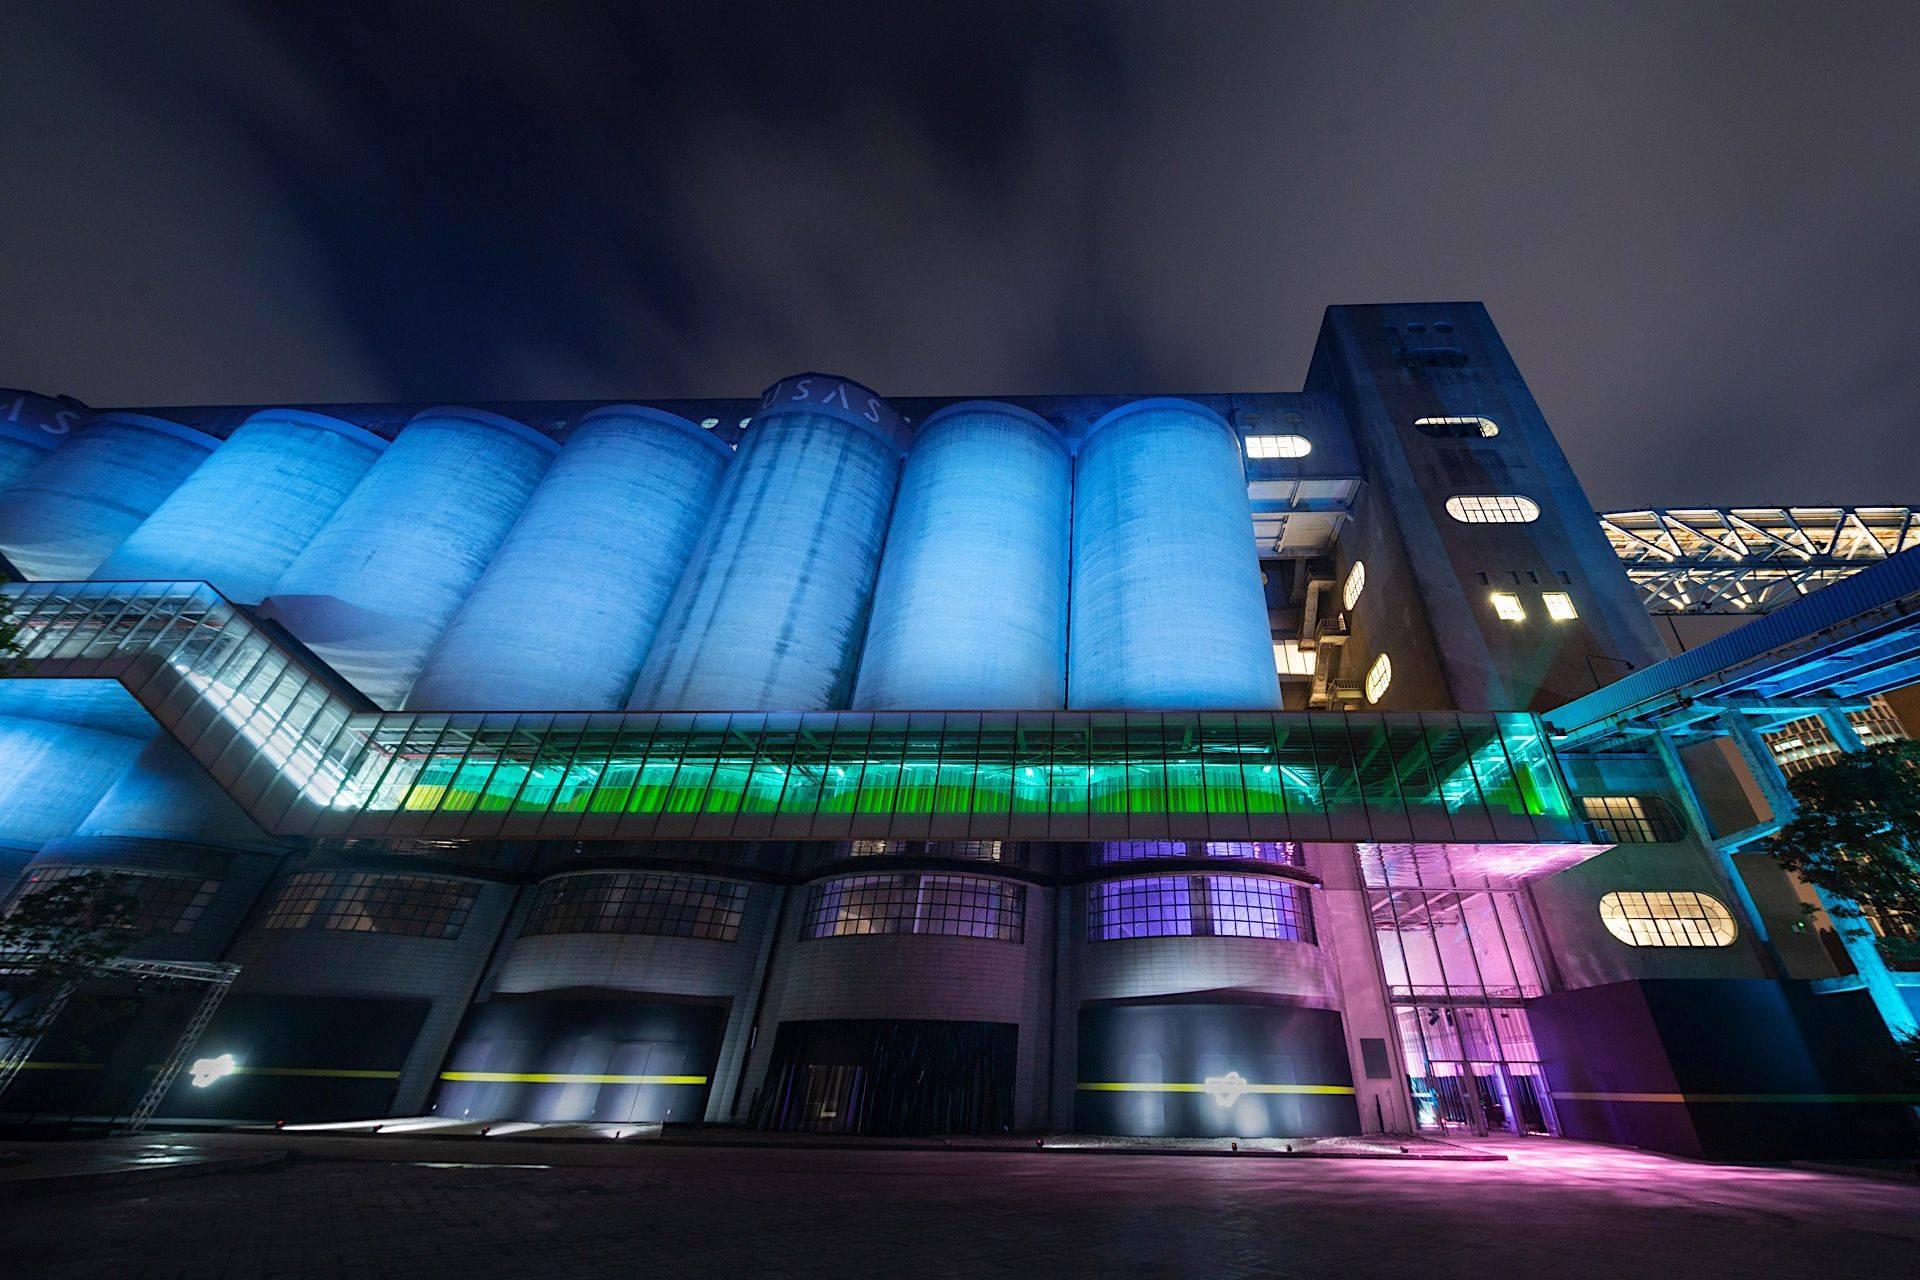 Το κτήριο Silo Hall σχεδιάστηκε από το ολλανδικό στούντιο AMO